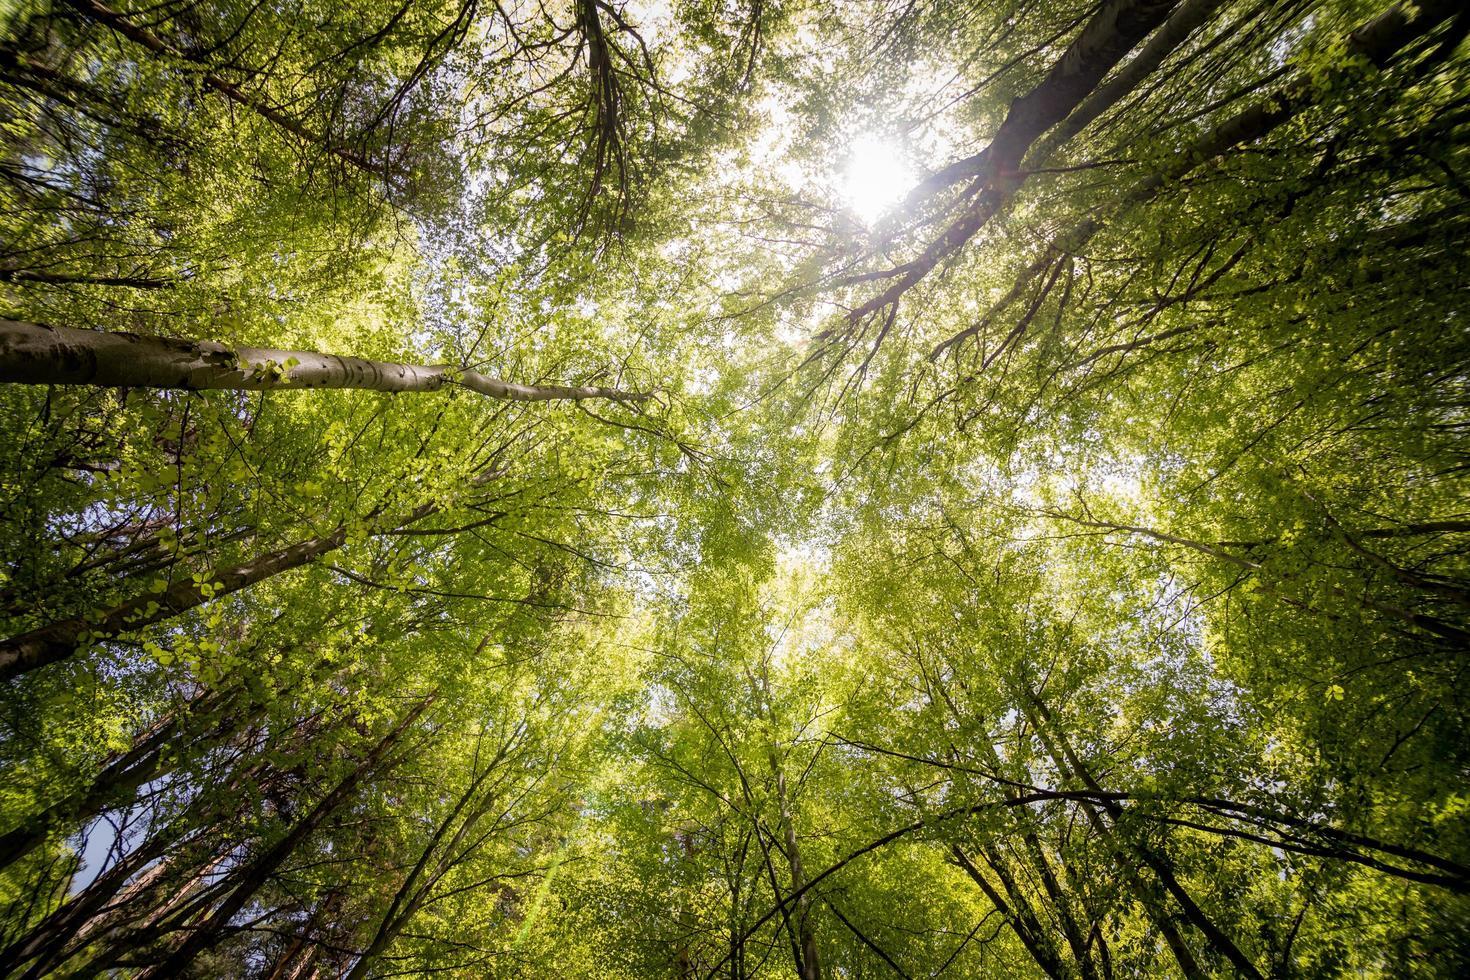 Fotografie von Bäumen foto